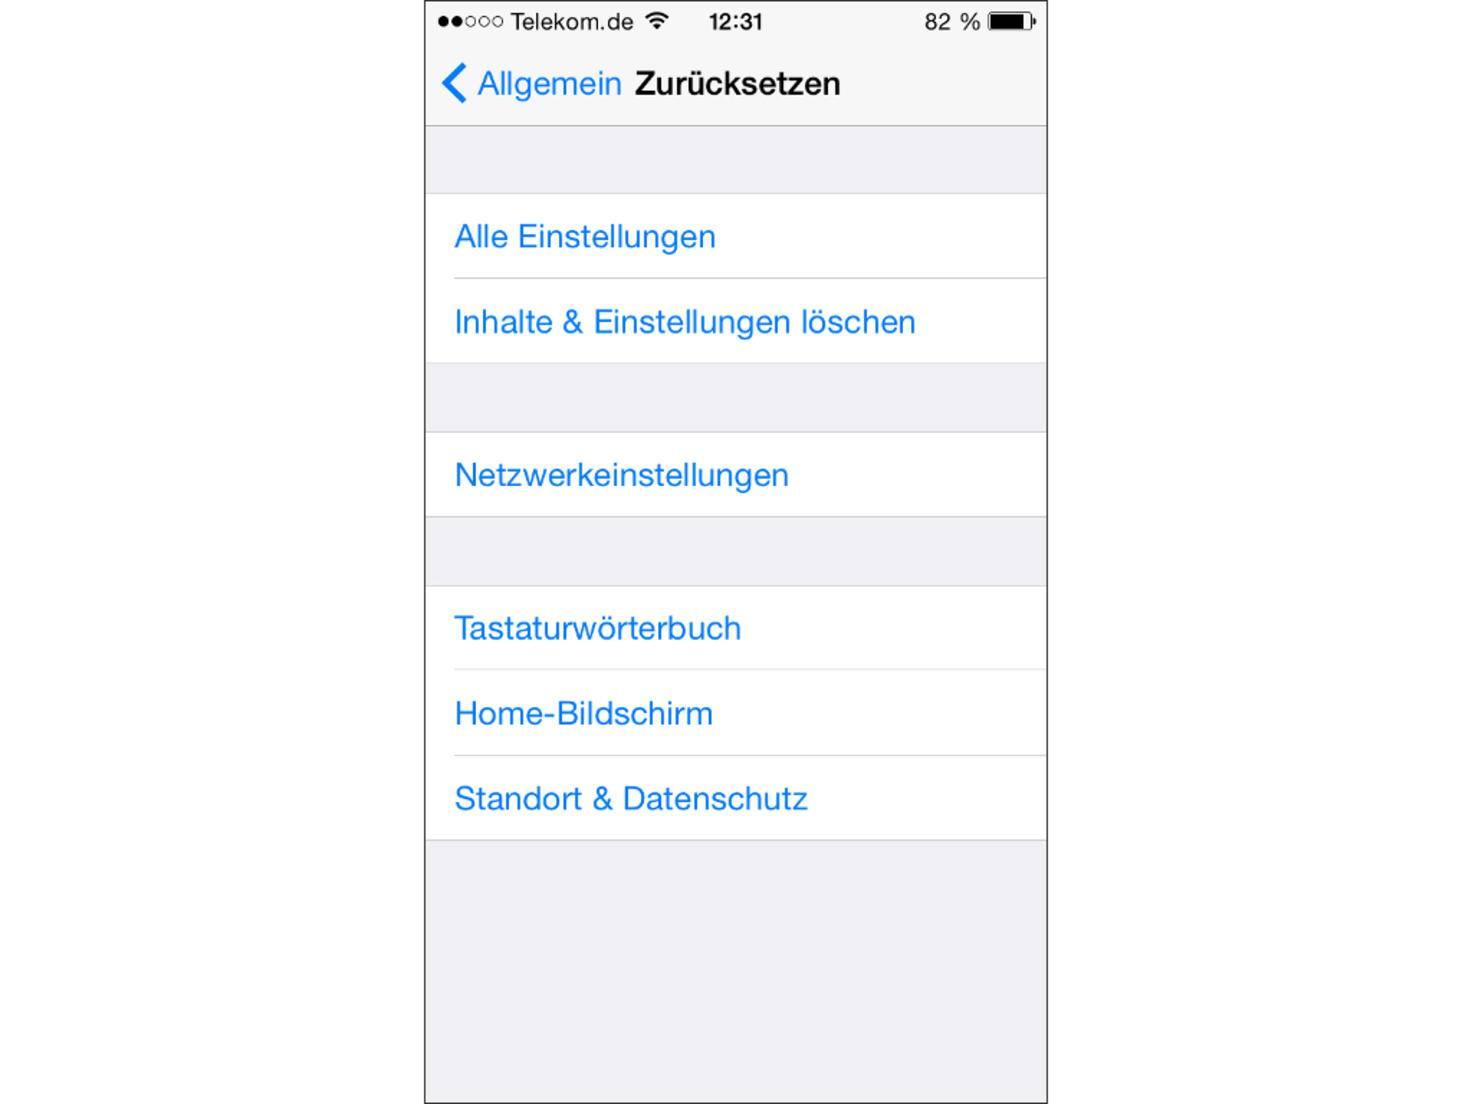 Vor dem Zurücksetzen des iPhone sollte ein Backup durchgeführt werden.